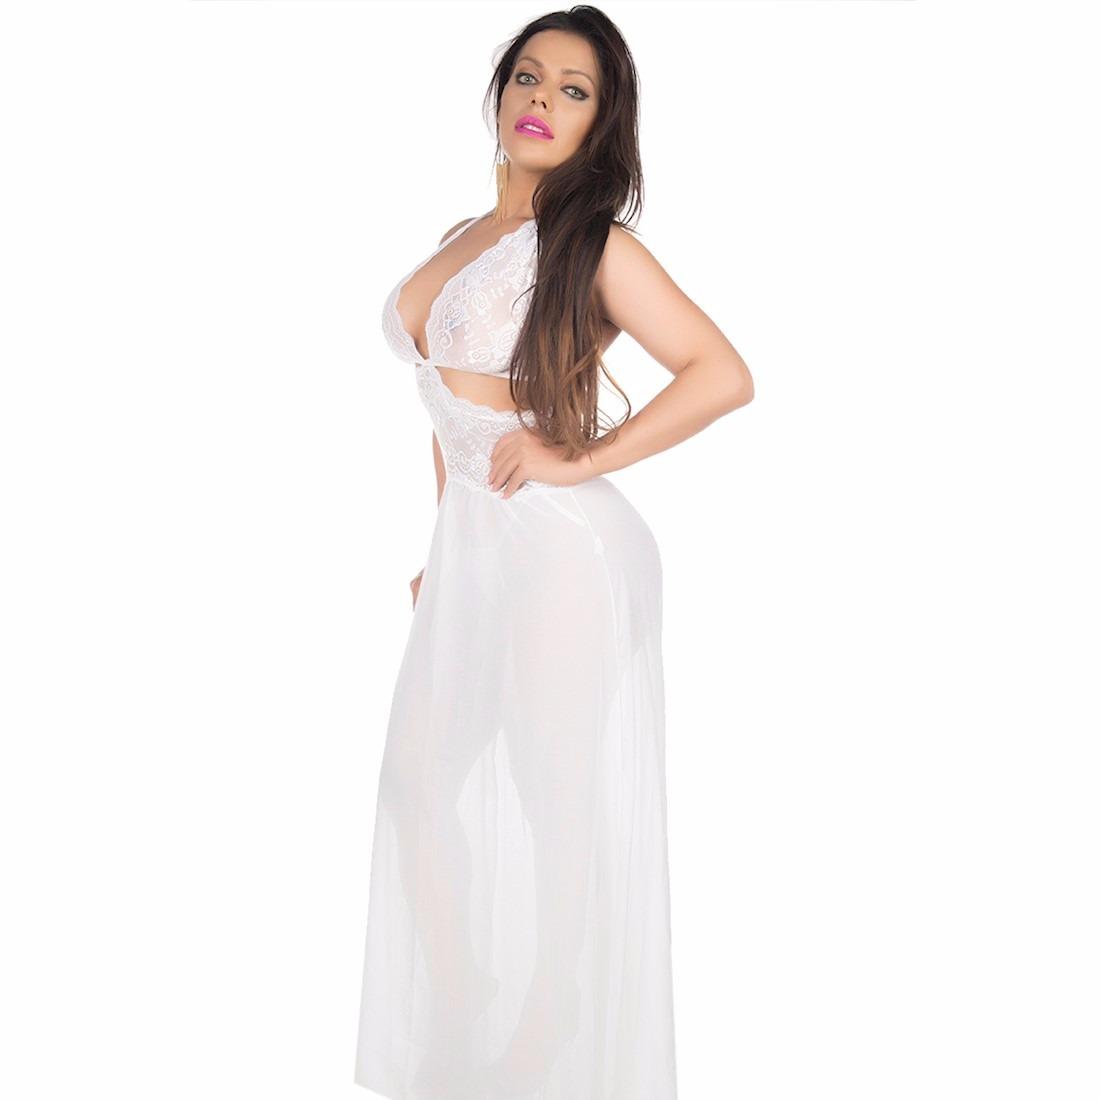 ccb99ee31 camisola sensual renda longa pimenta sexy branca - 5163. Carregando zoom.